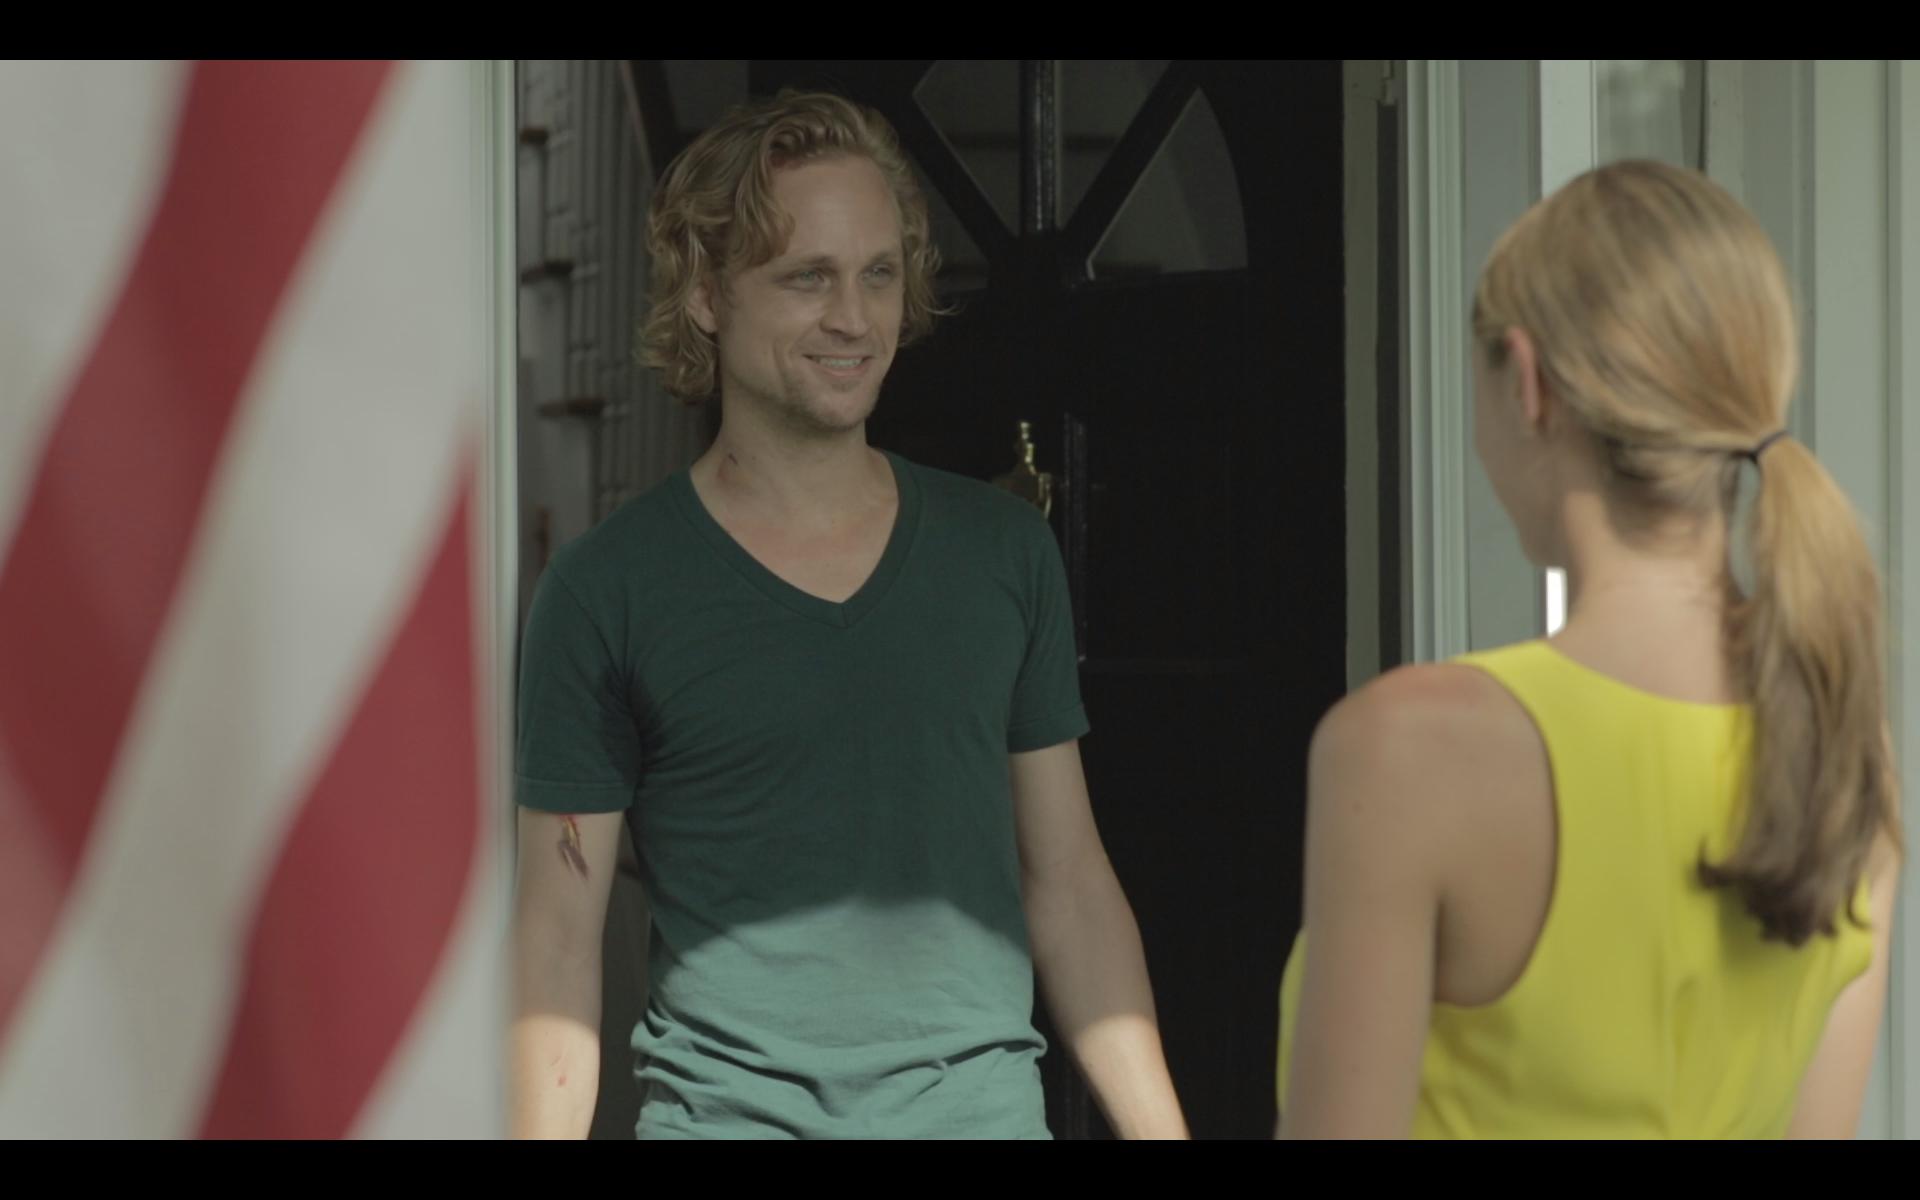 Screen Shot 2013-07-30 at 4.52.40 PM.png